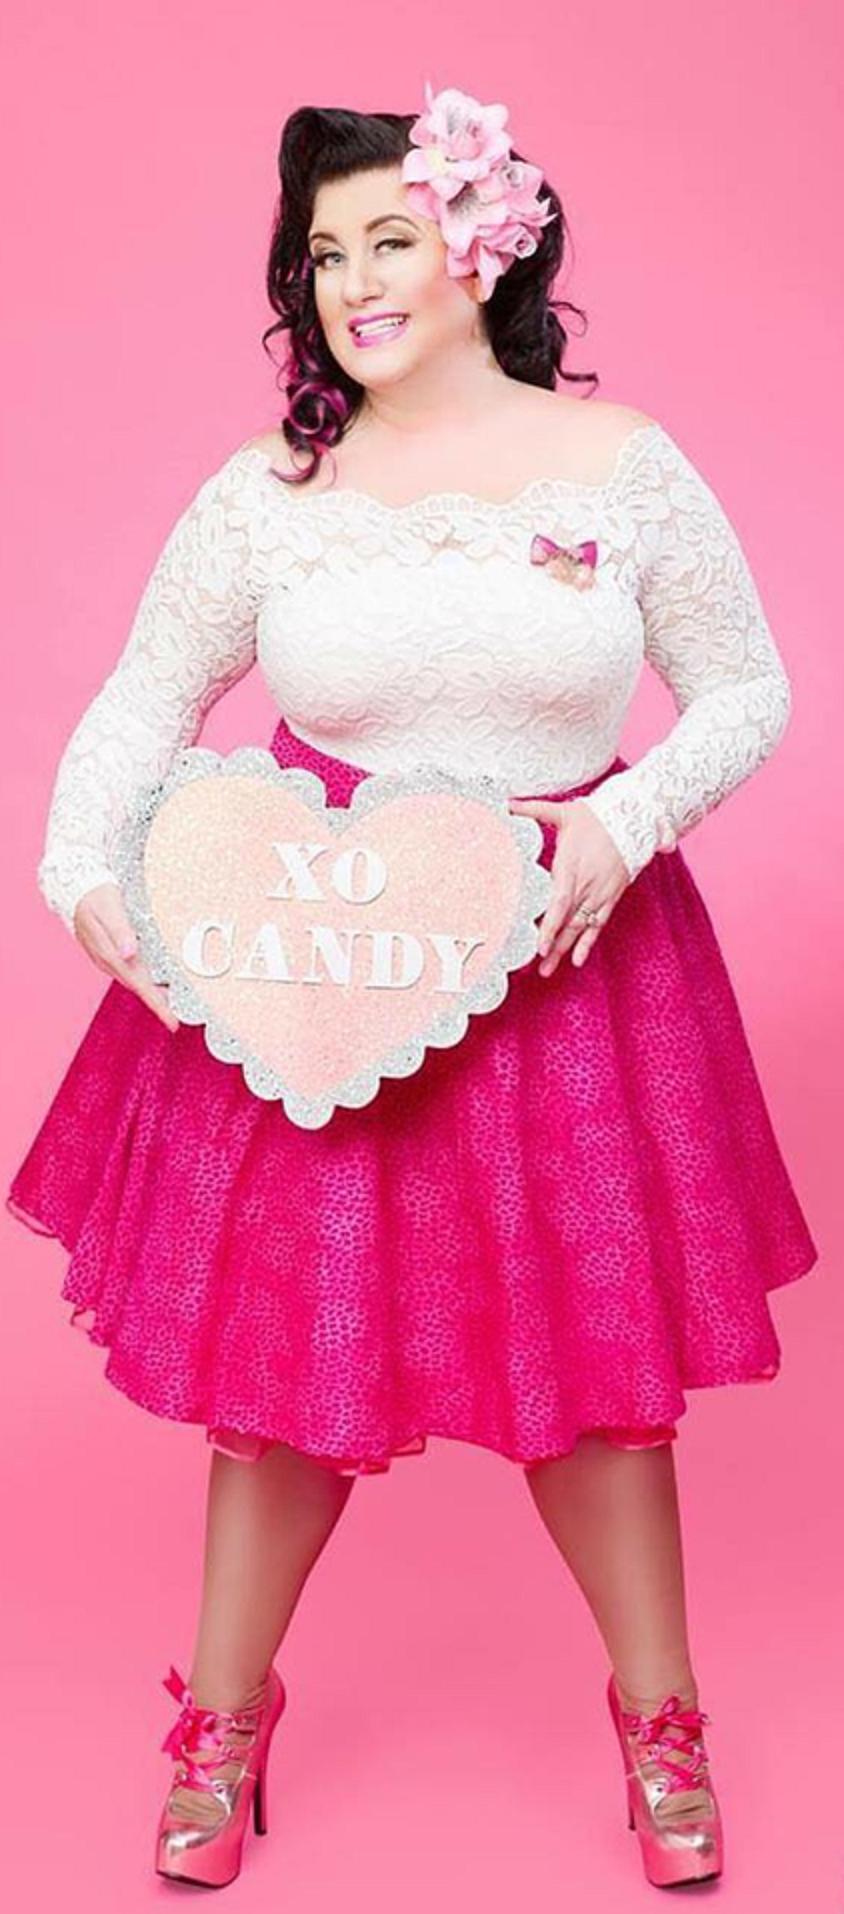 Candy hot bbw